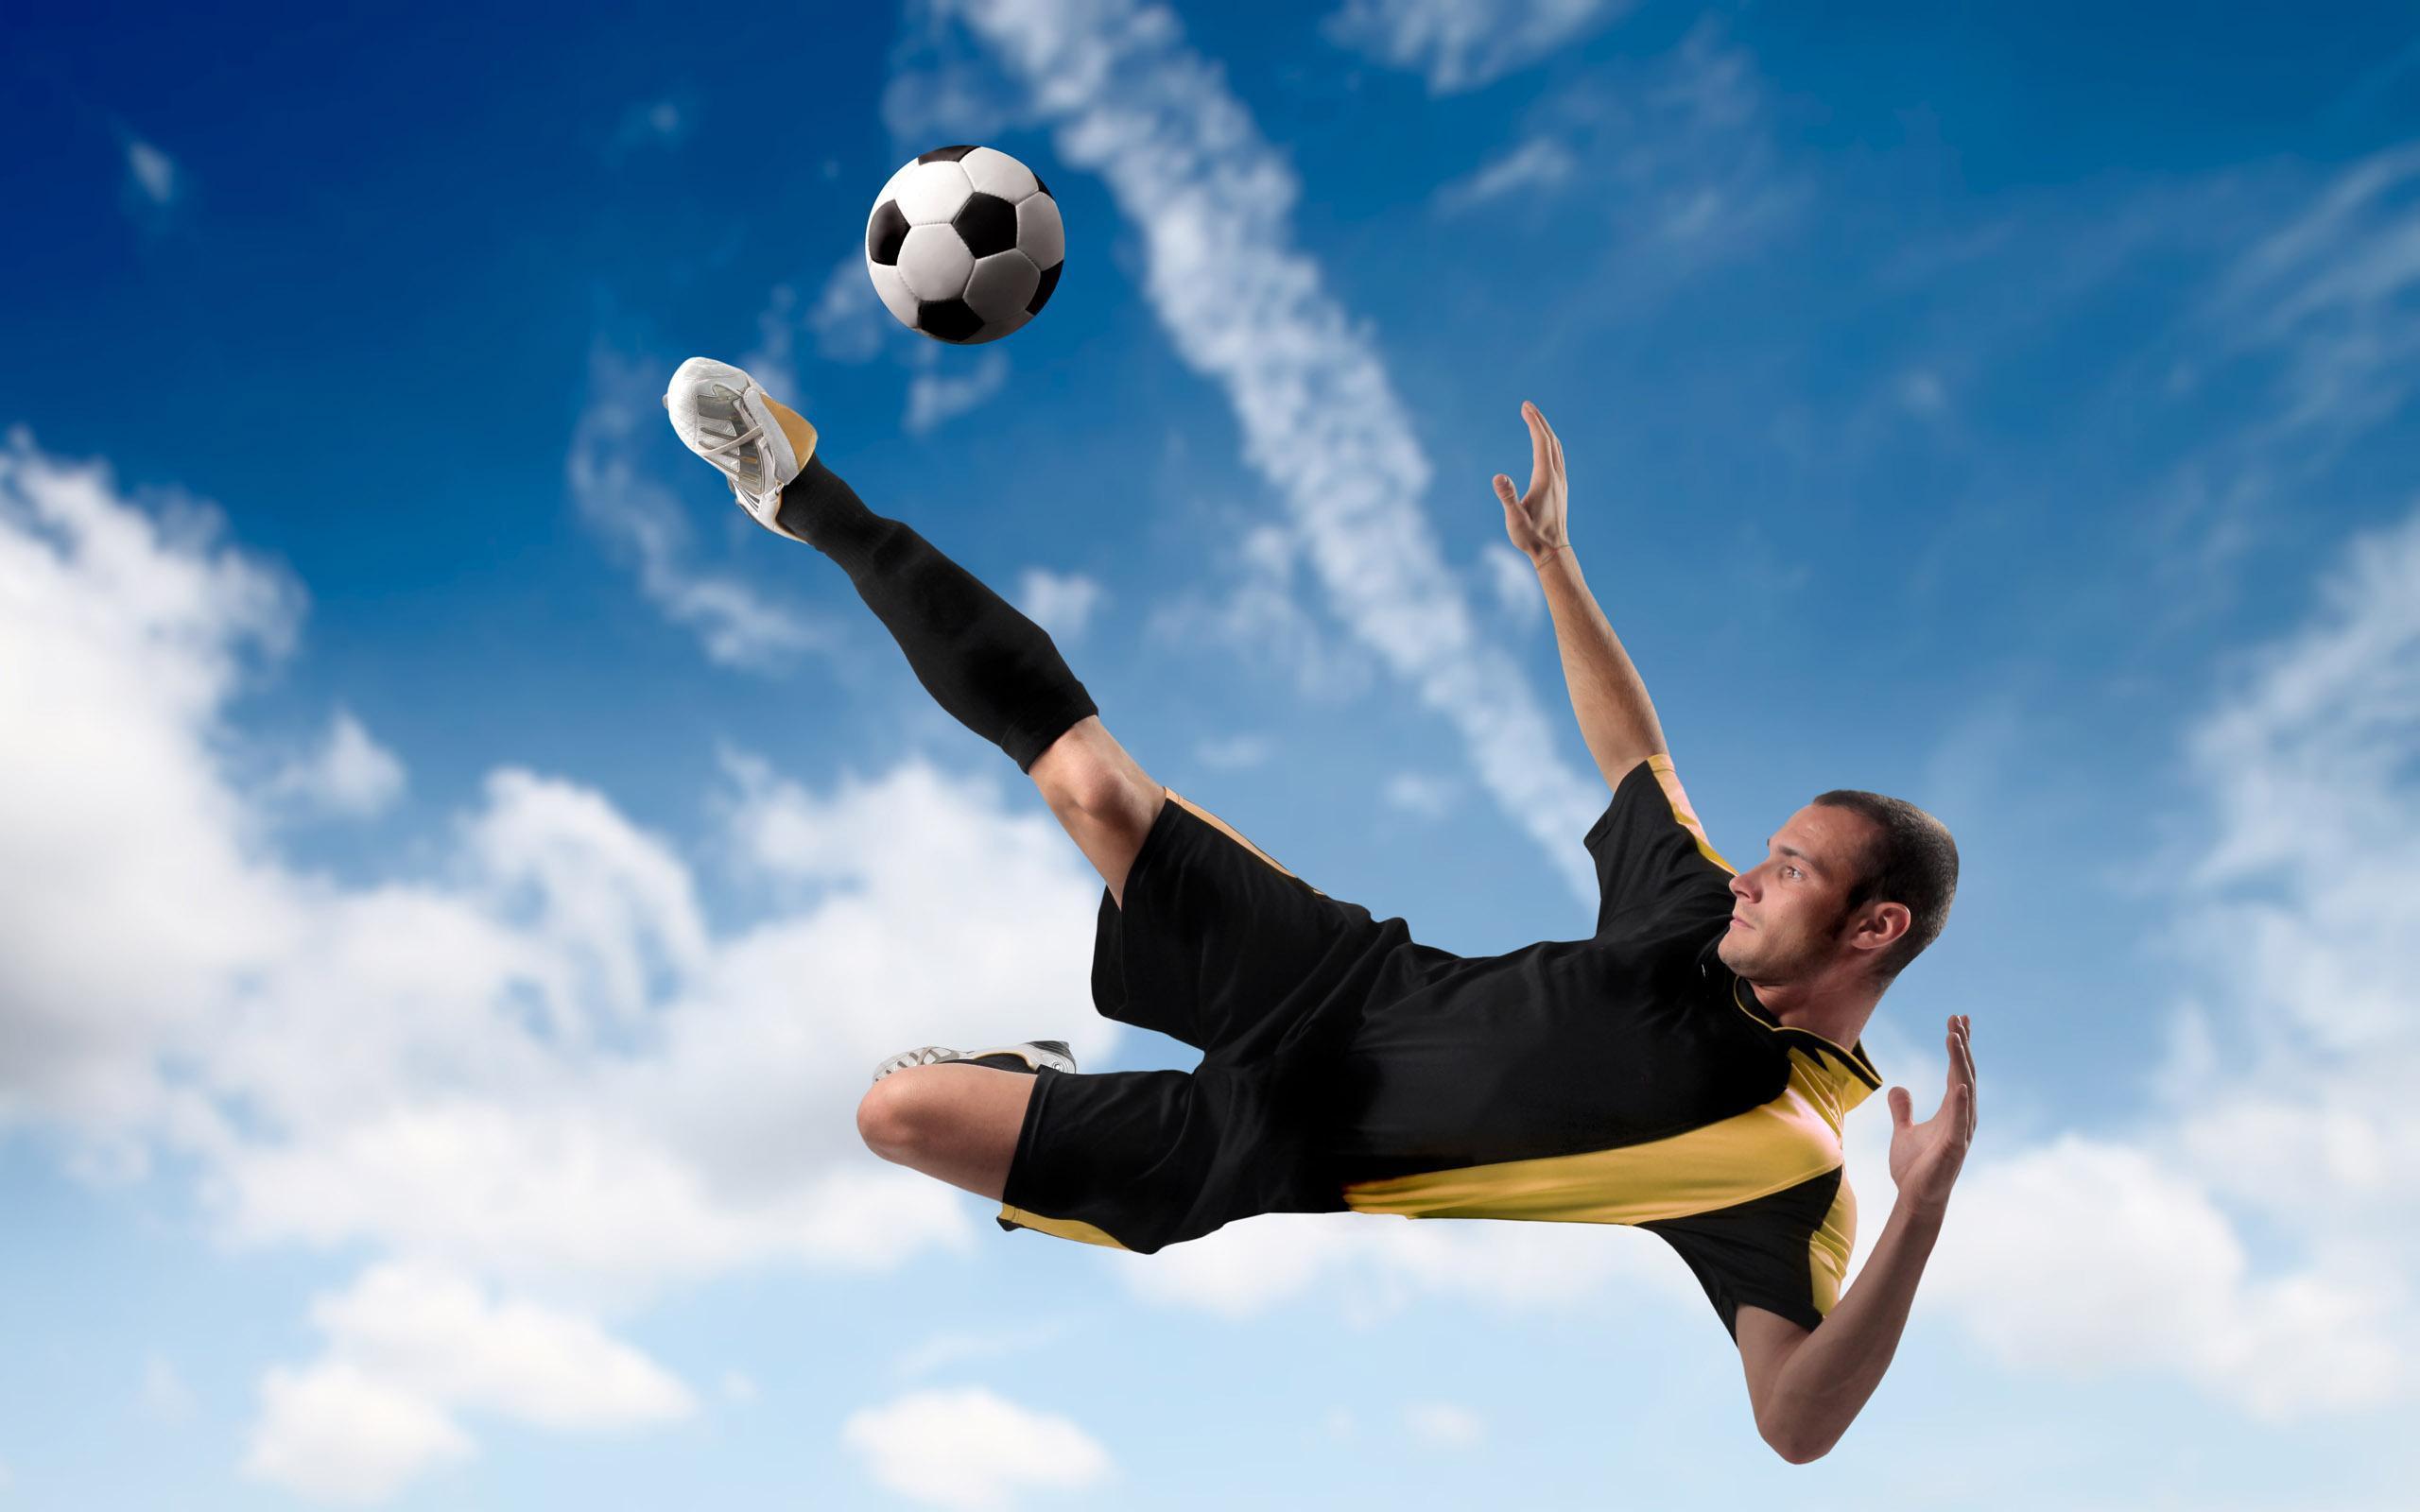 Где можно поиграть в футбол в Санкт-Петербурге?